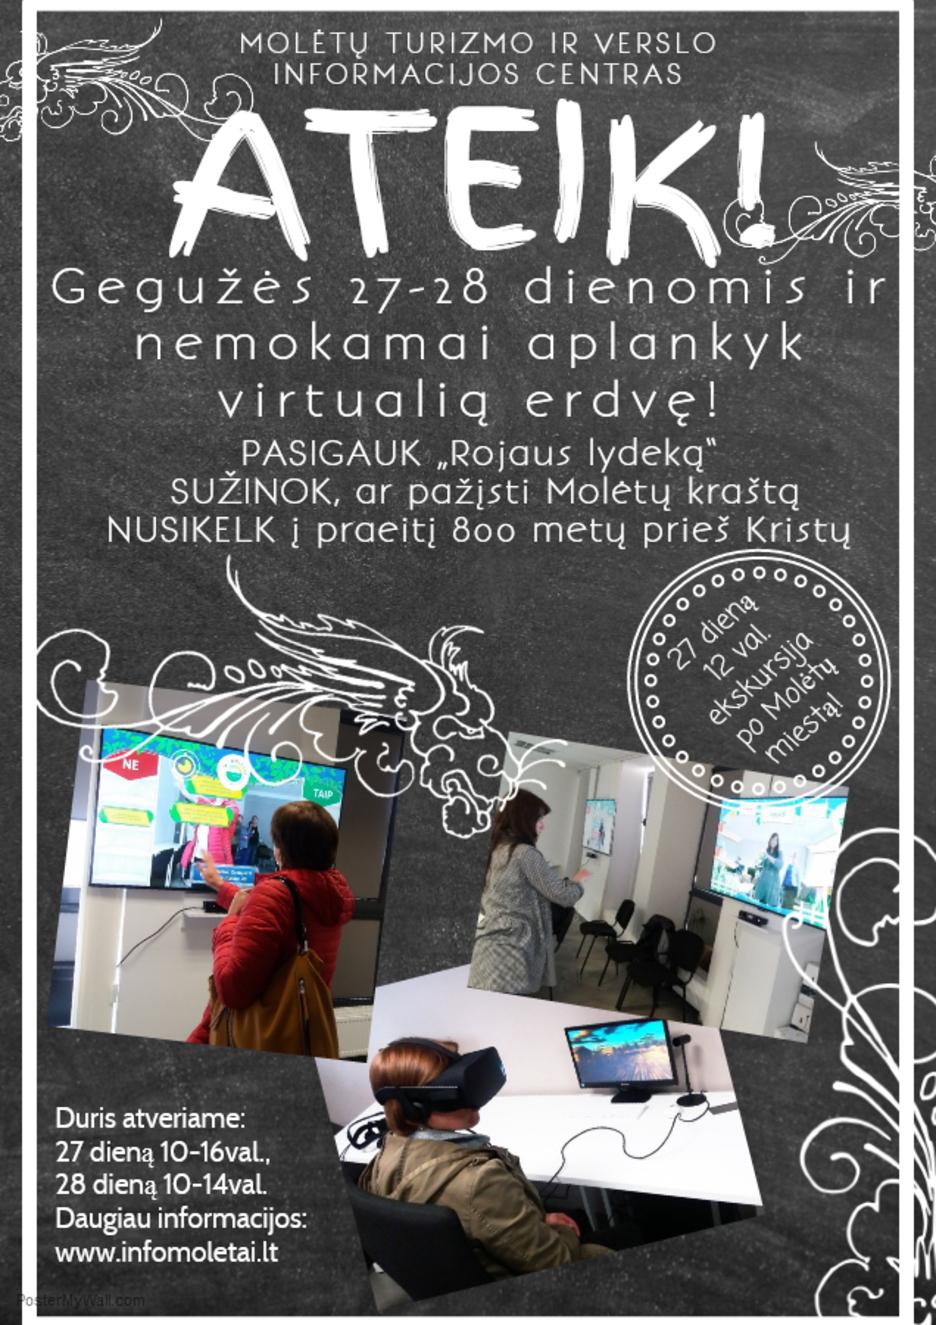 Gegužės 27-28 d. Molėtų turizmo ir verslo informacijos centre nemokamai aplankyk virtualią erdvę!